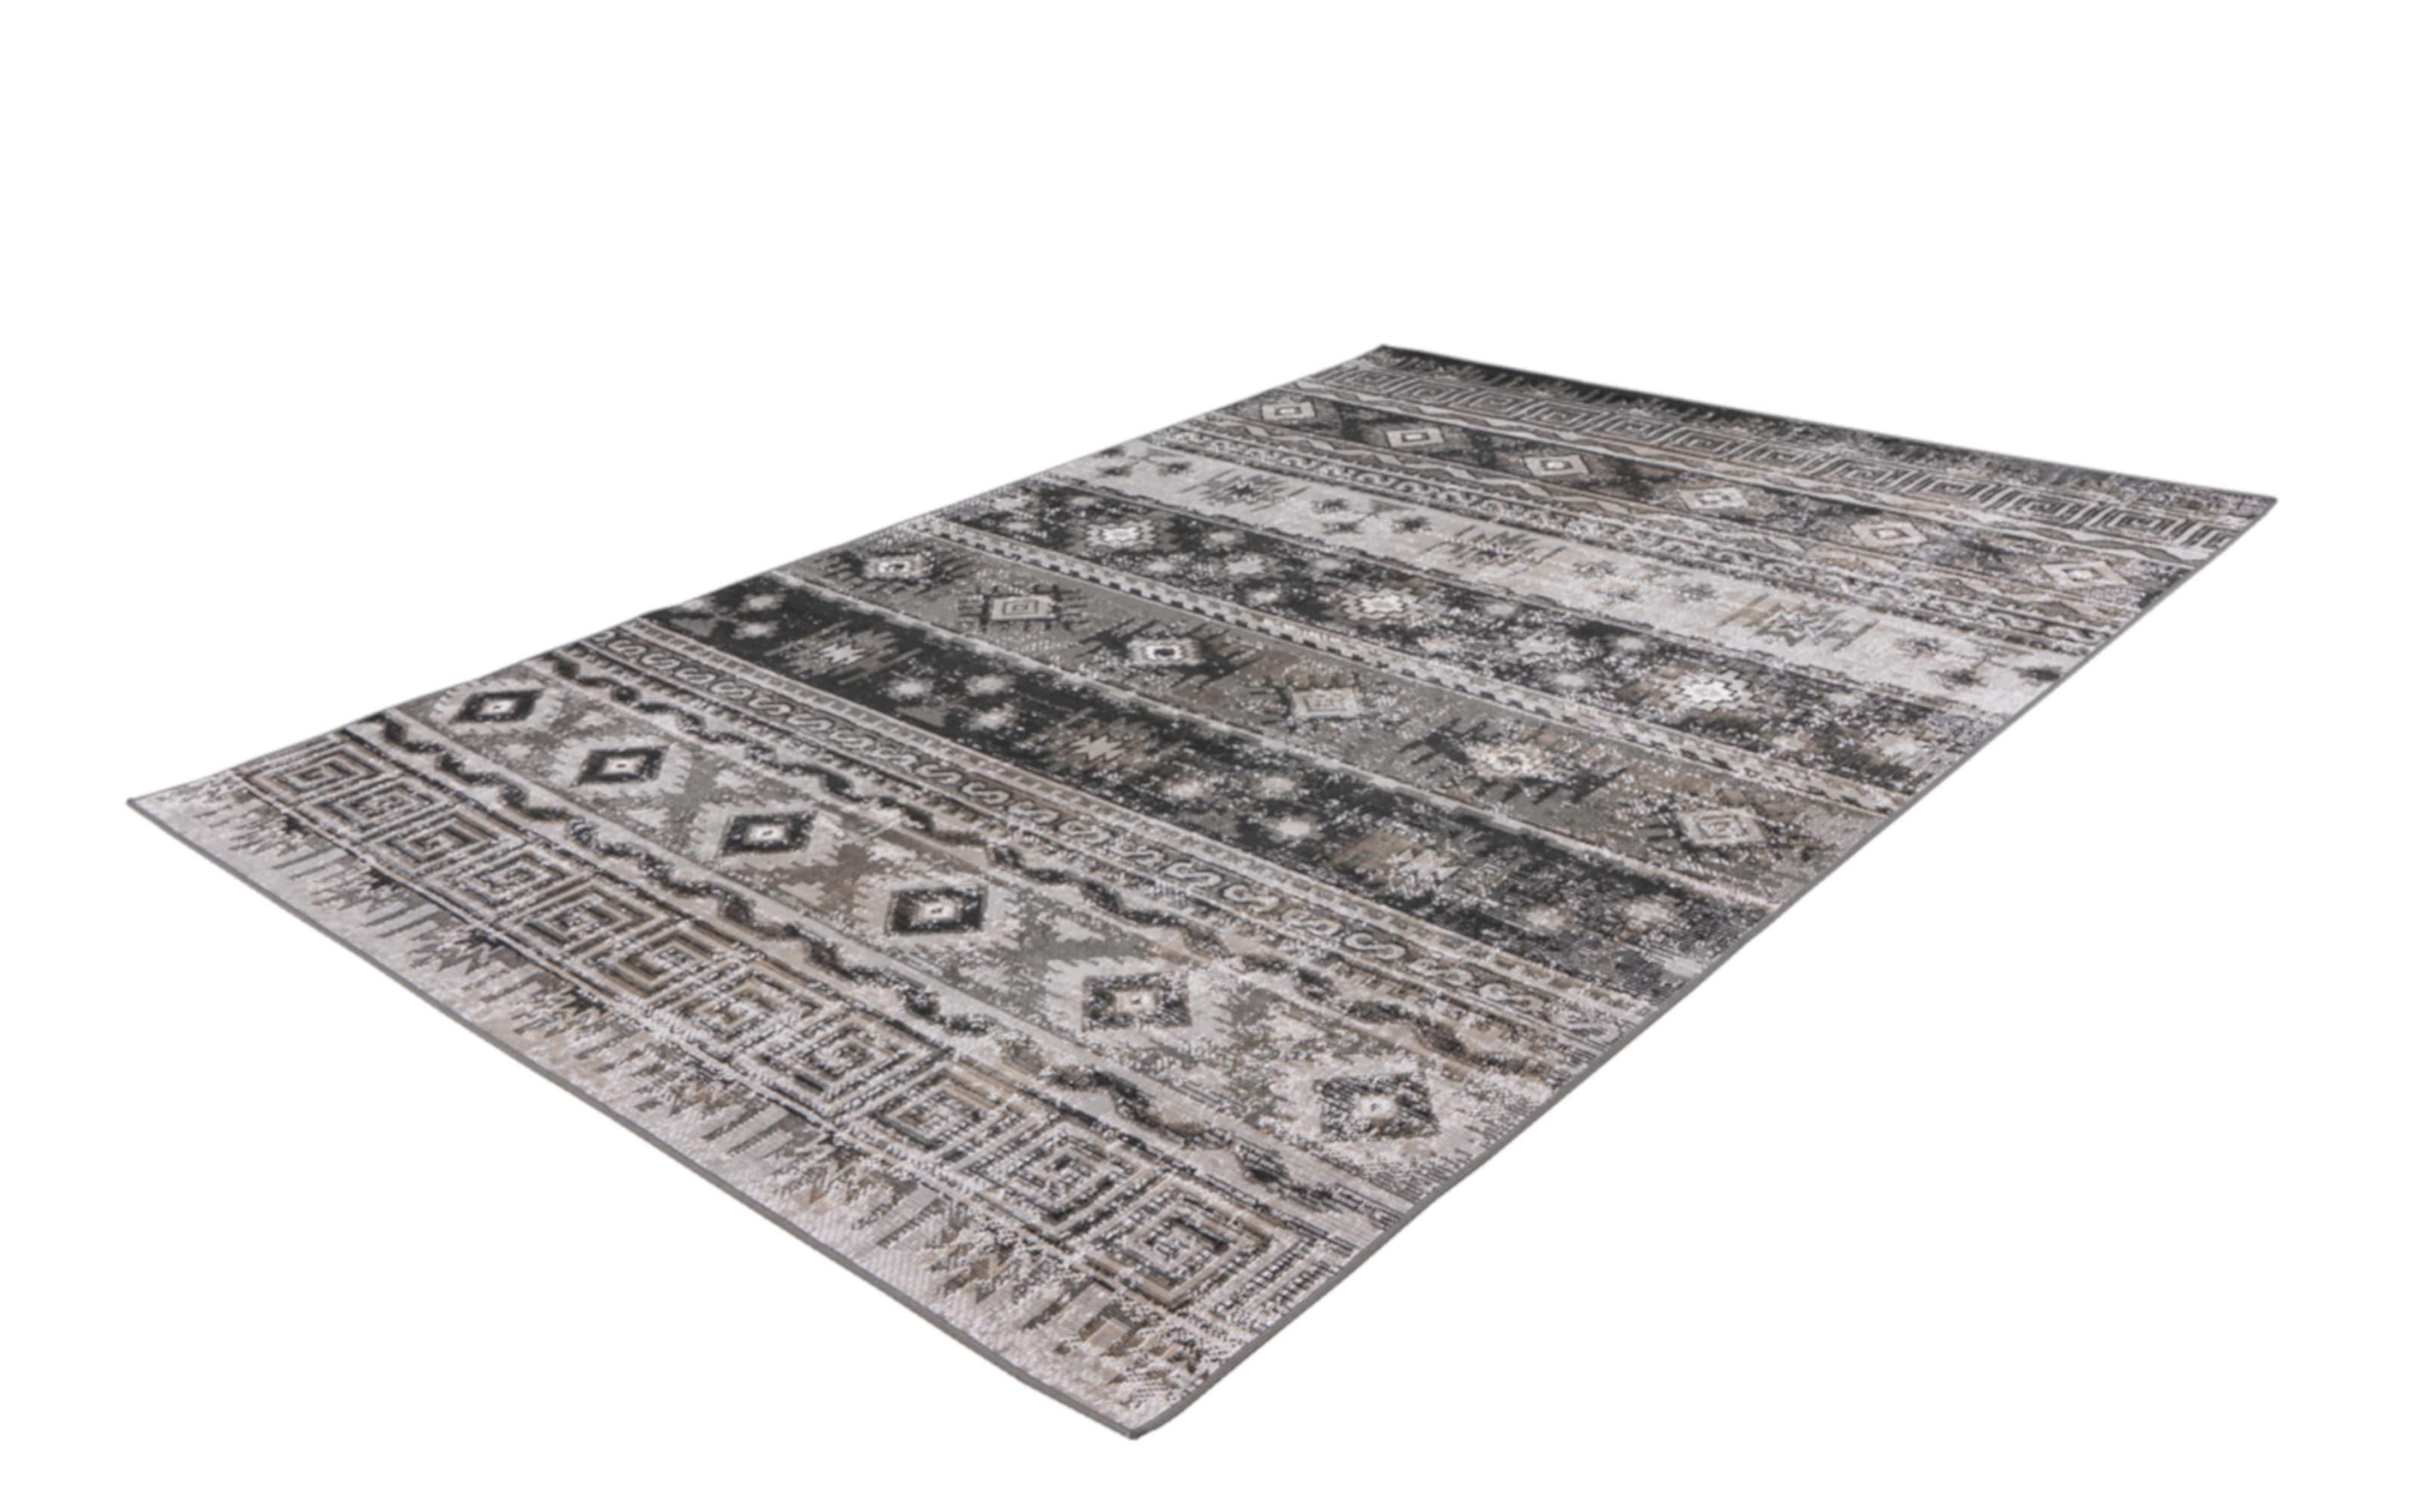 Teppich Ariya 325 in grau, 160 x 230 cm